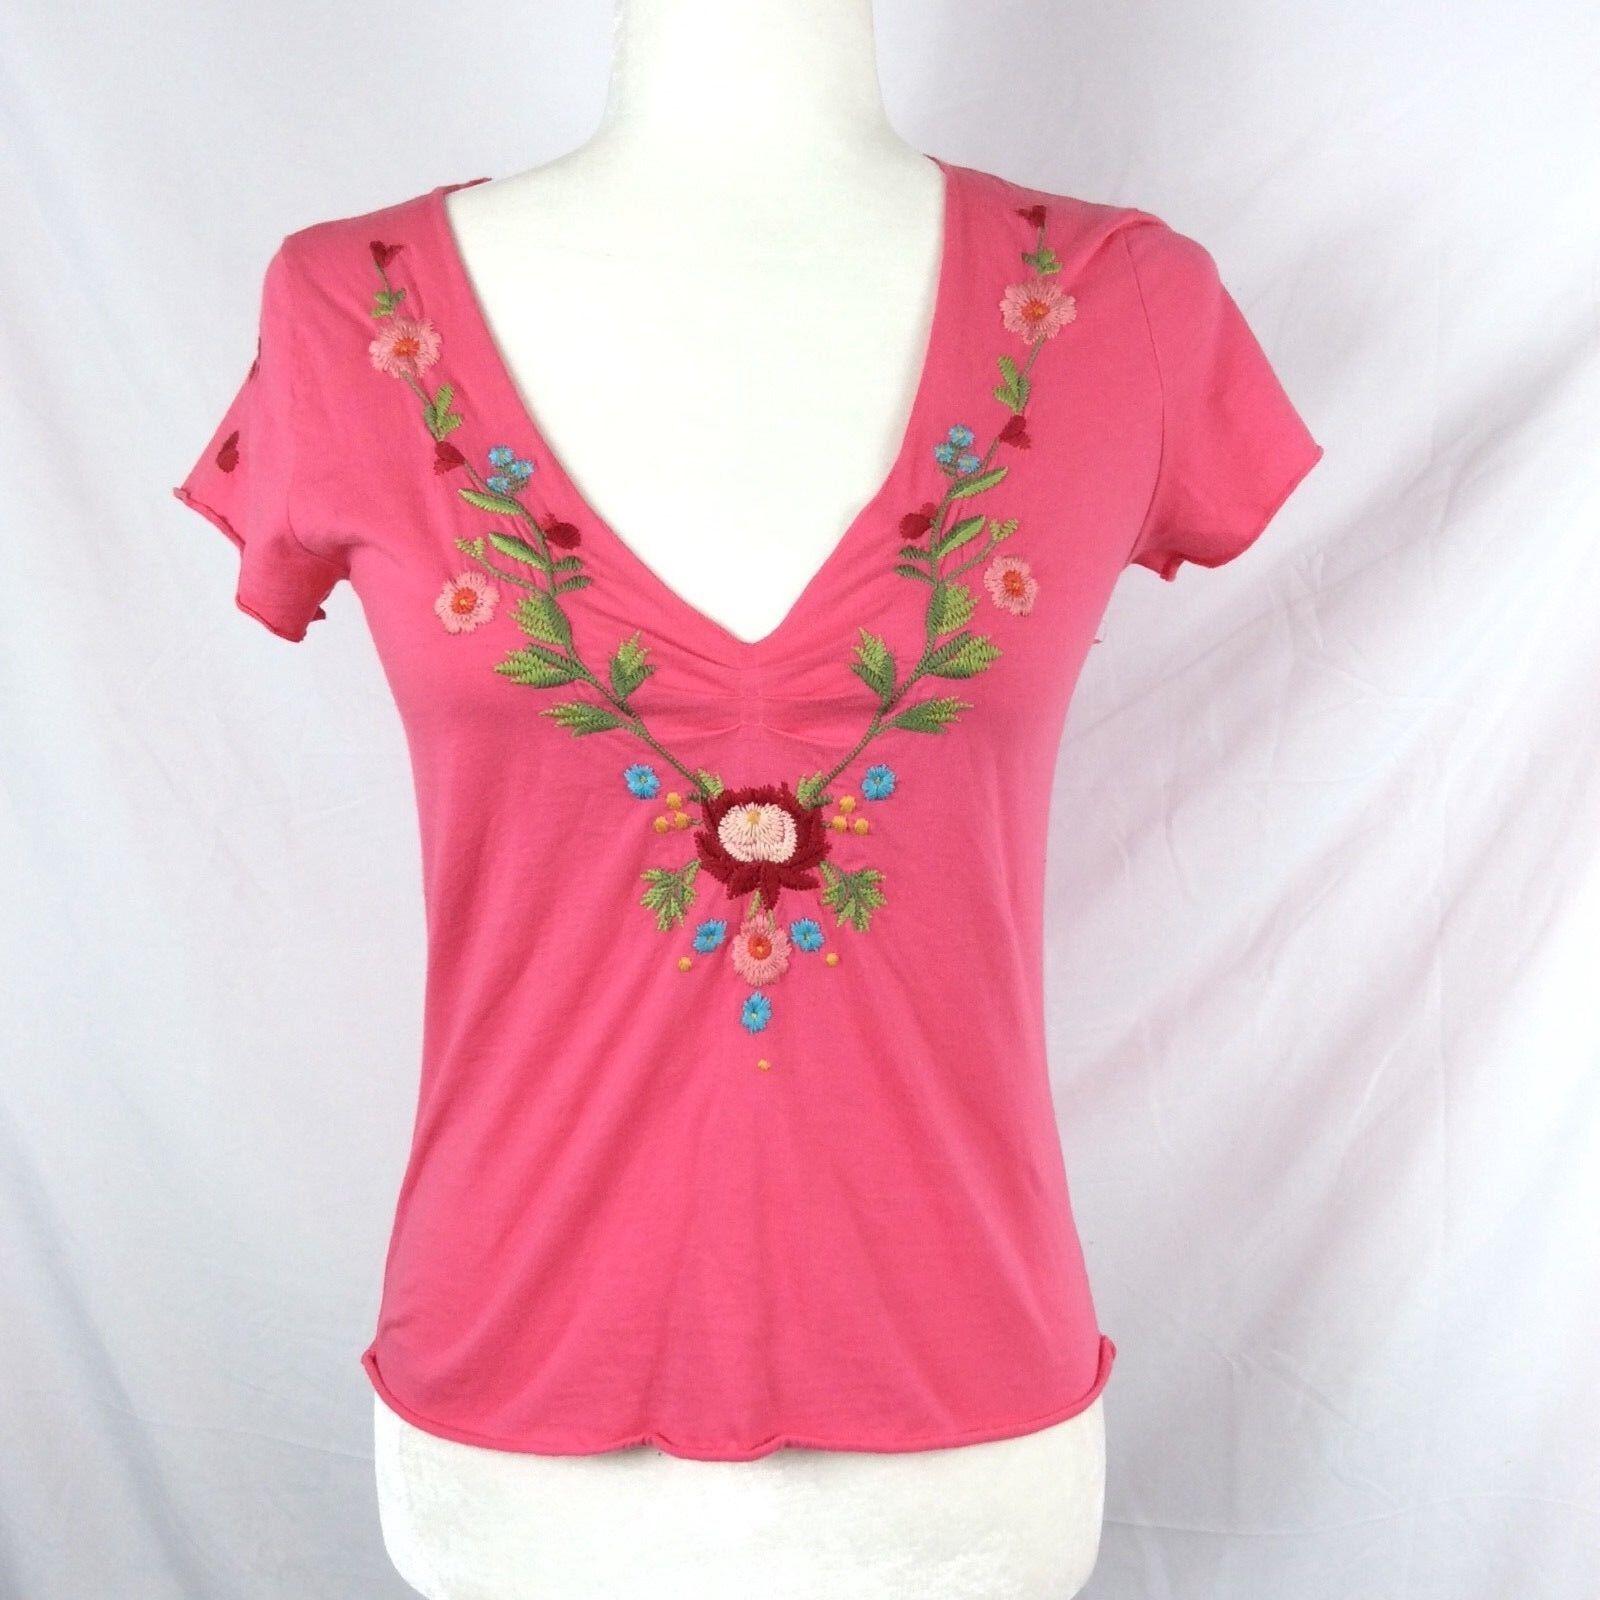 JWLA Johnny Was Los Angeles Rosa Floral Embroiderot V-Neck Knit Top Größe XS